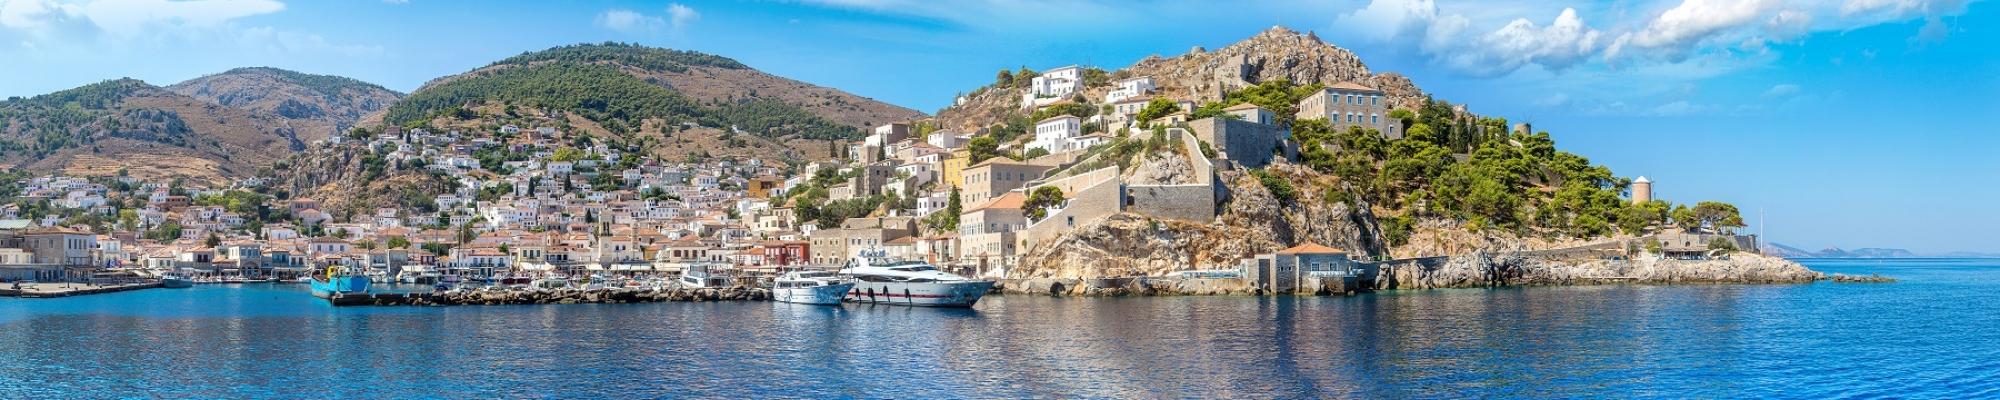 Ile Hydra séjour en Grèce voyage sur mesure